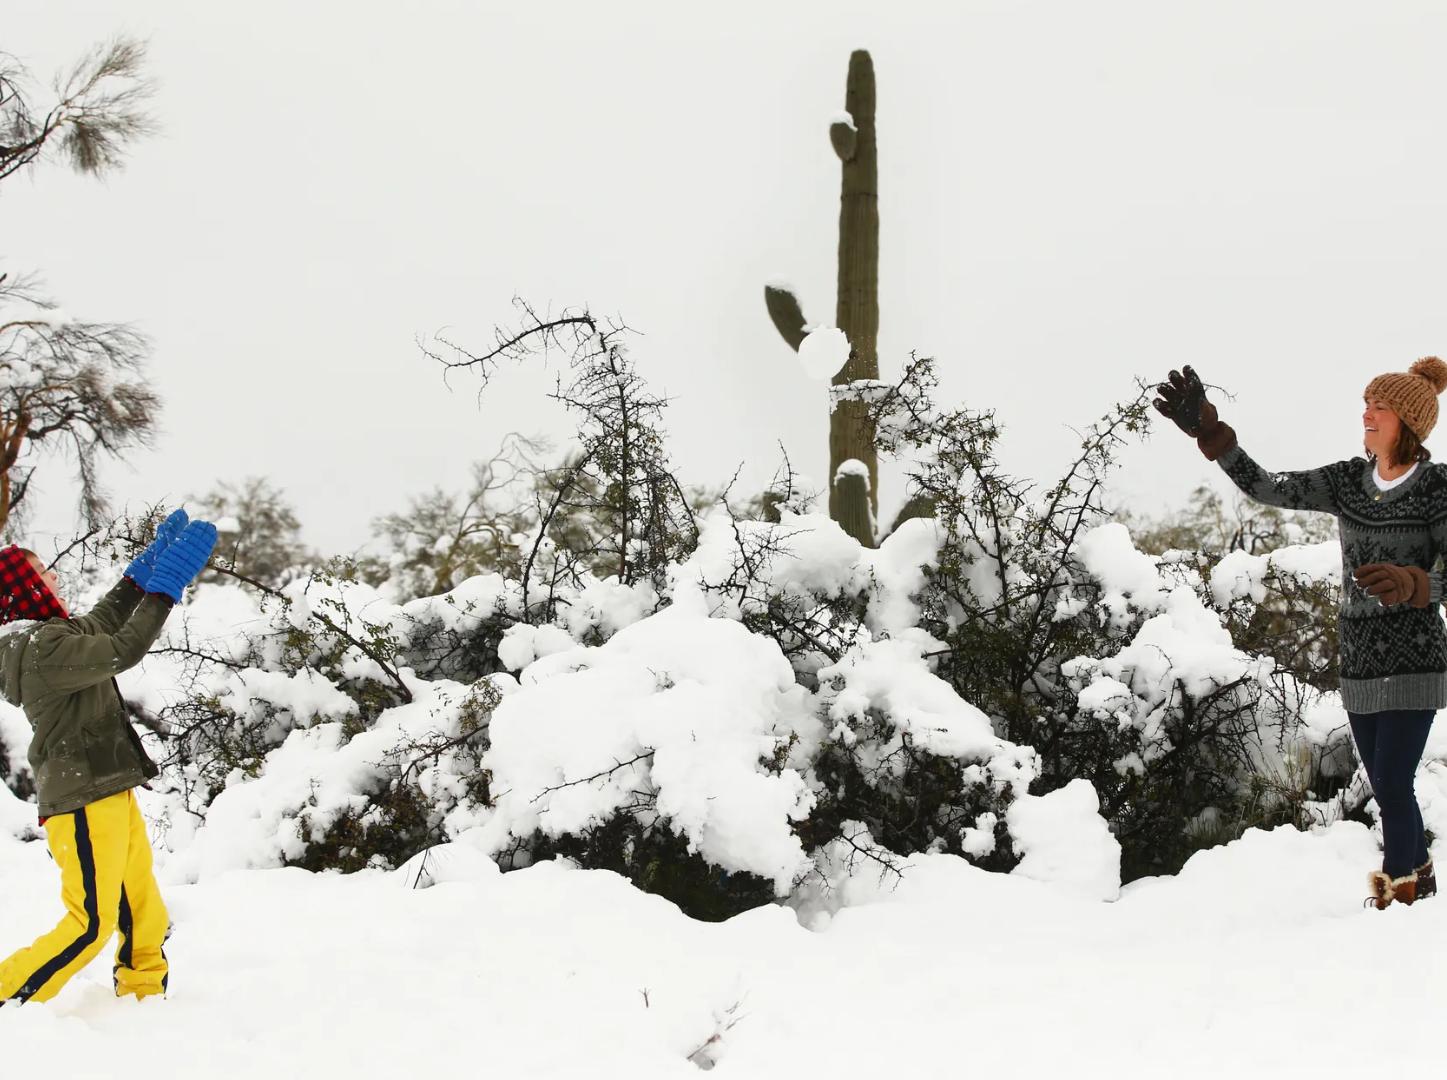 Como no pasaba en mucho años, la nieve bajó de la sierra y llegó con intensidad a Tucson y norte de Scottsdale propiciando un espectáculo para la gente el 22 de febrero, 2019